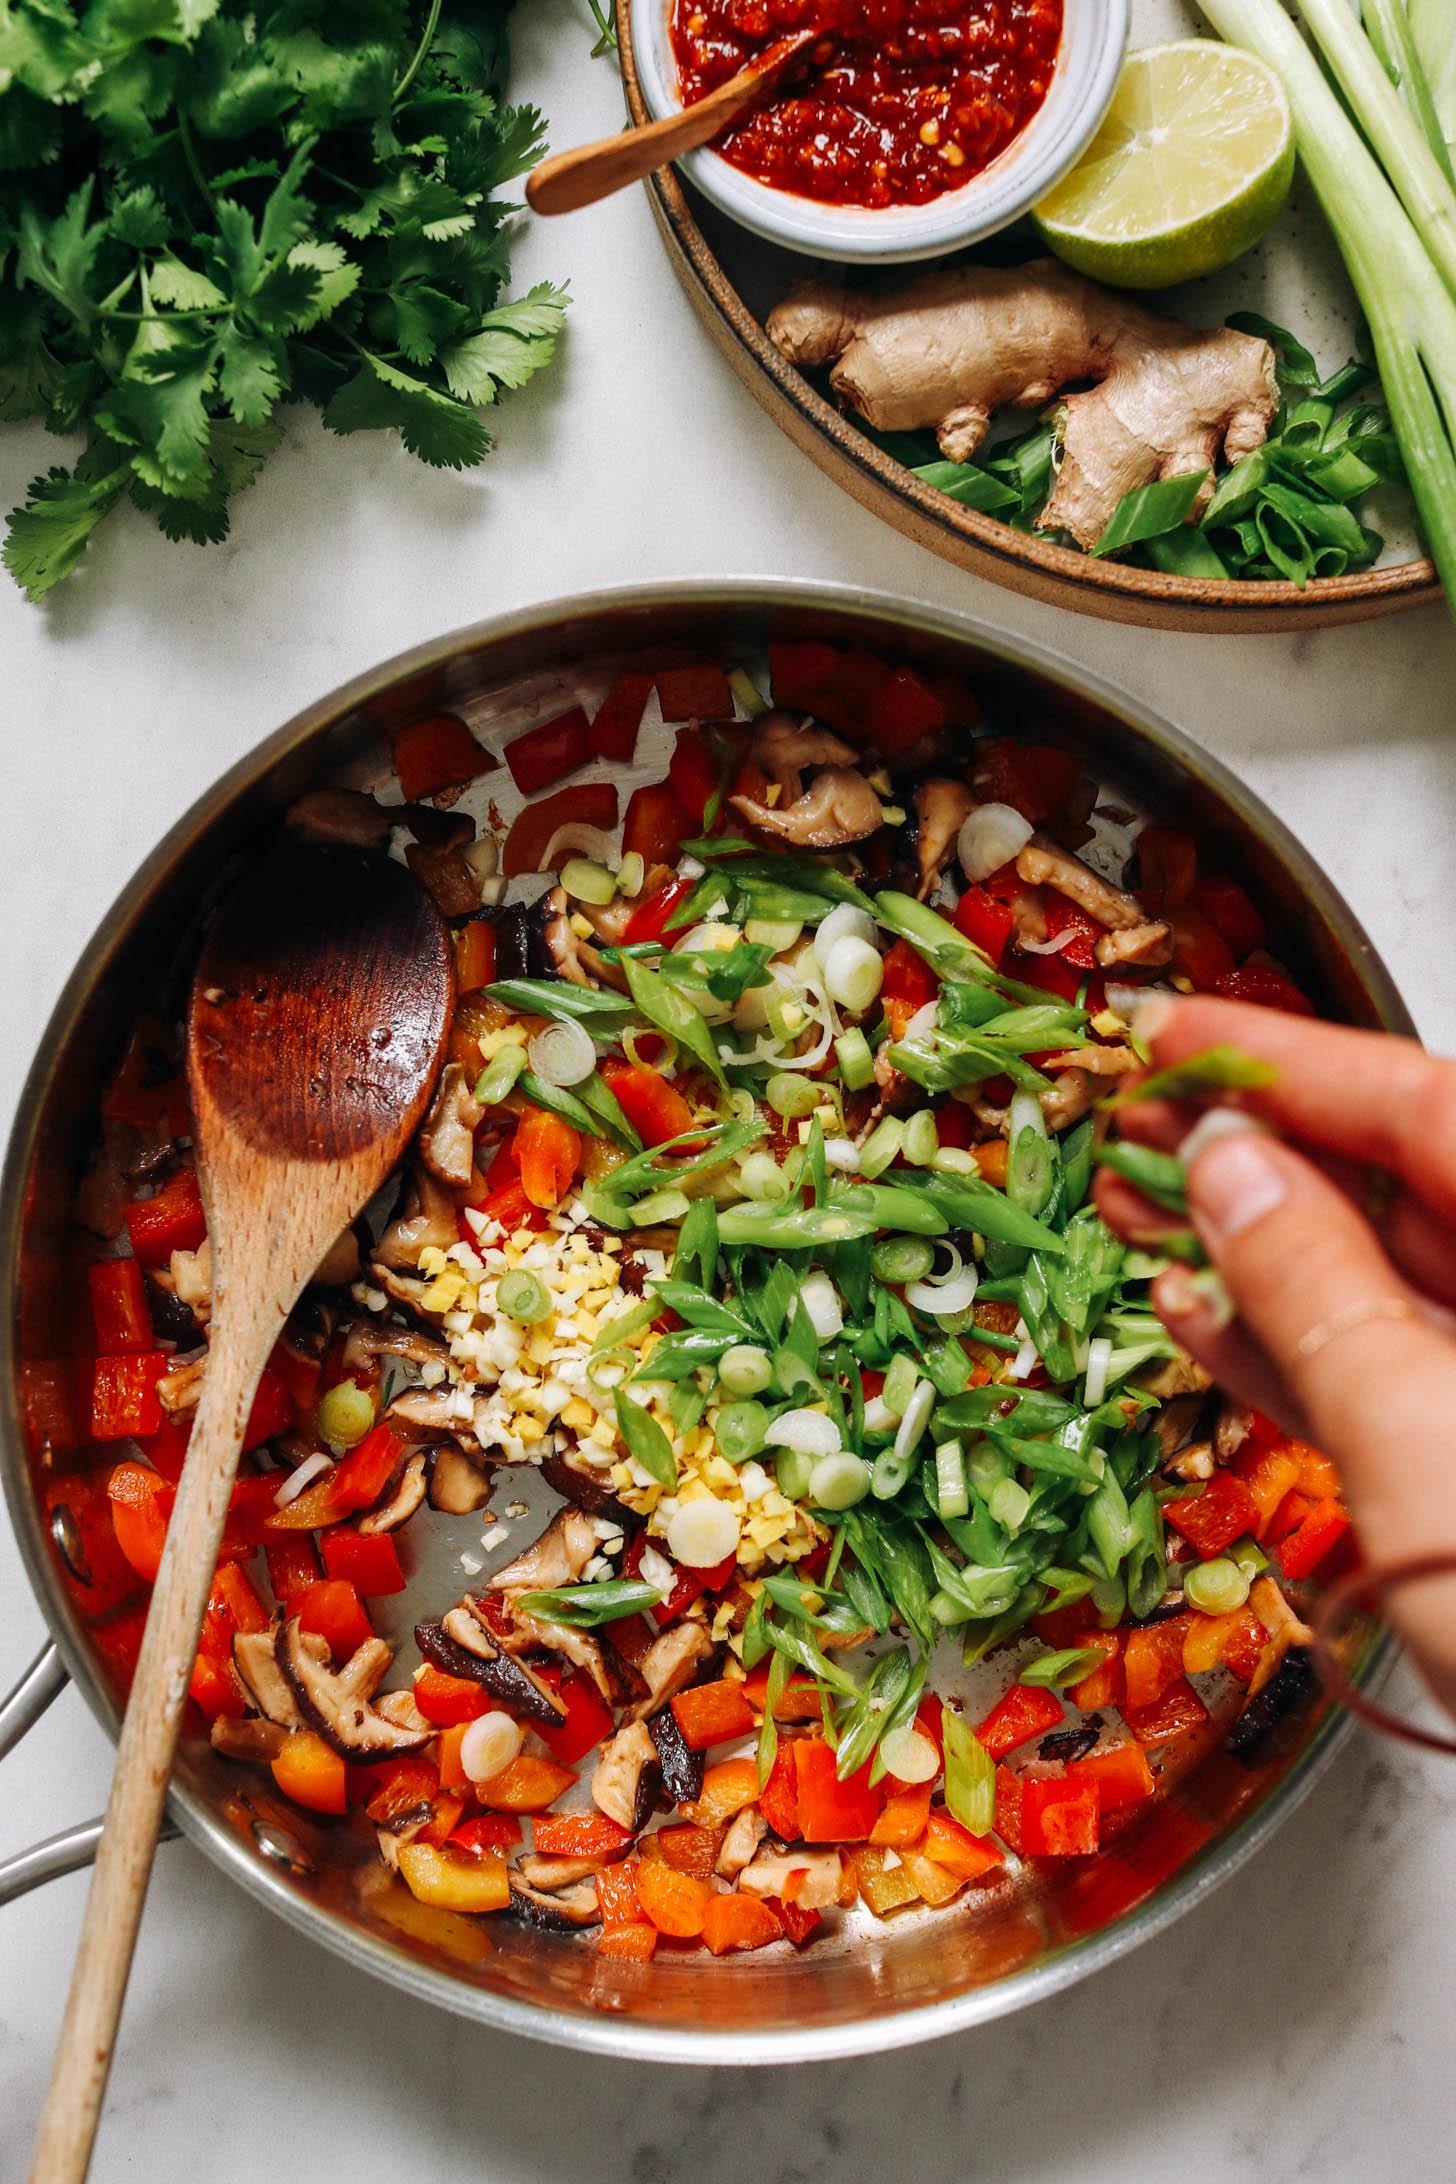 Sotelenmiş sebzelerden oluşan bir tavaya dilimlenmiş yeşil soğan ekleme